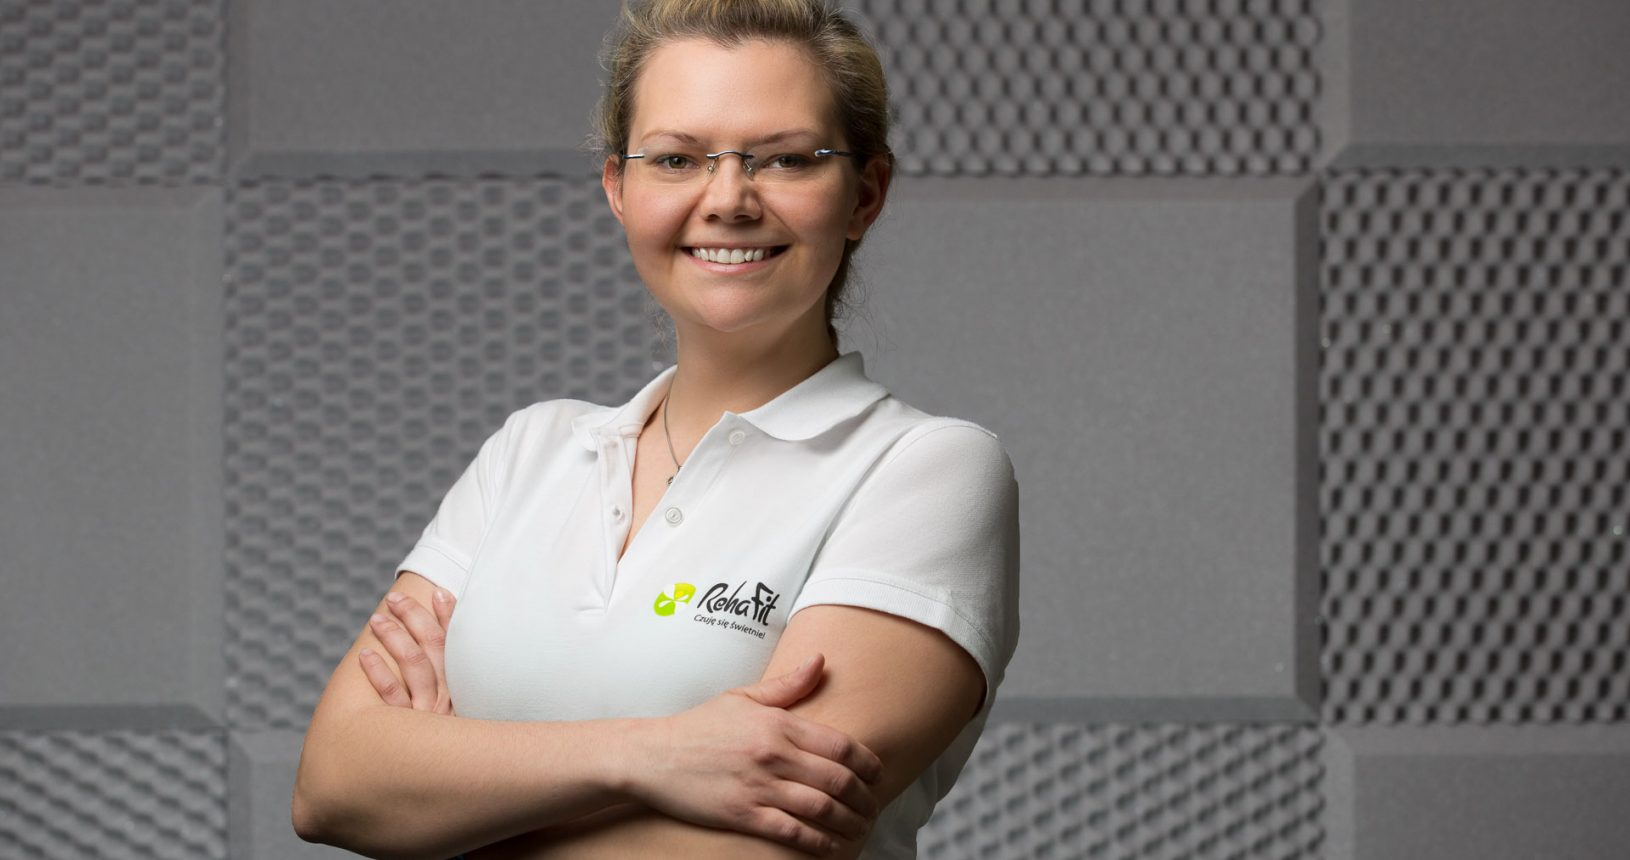 Zawsze uśmiechnięta terapeutka manualna i fizjoterapeutka Maria Stachów z centrum rehabilitacji, masażu i treningu personalnego RehaFit we Wrocławiu.